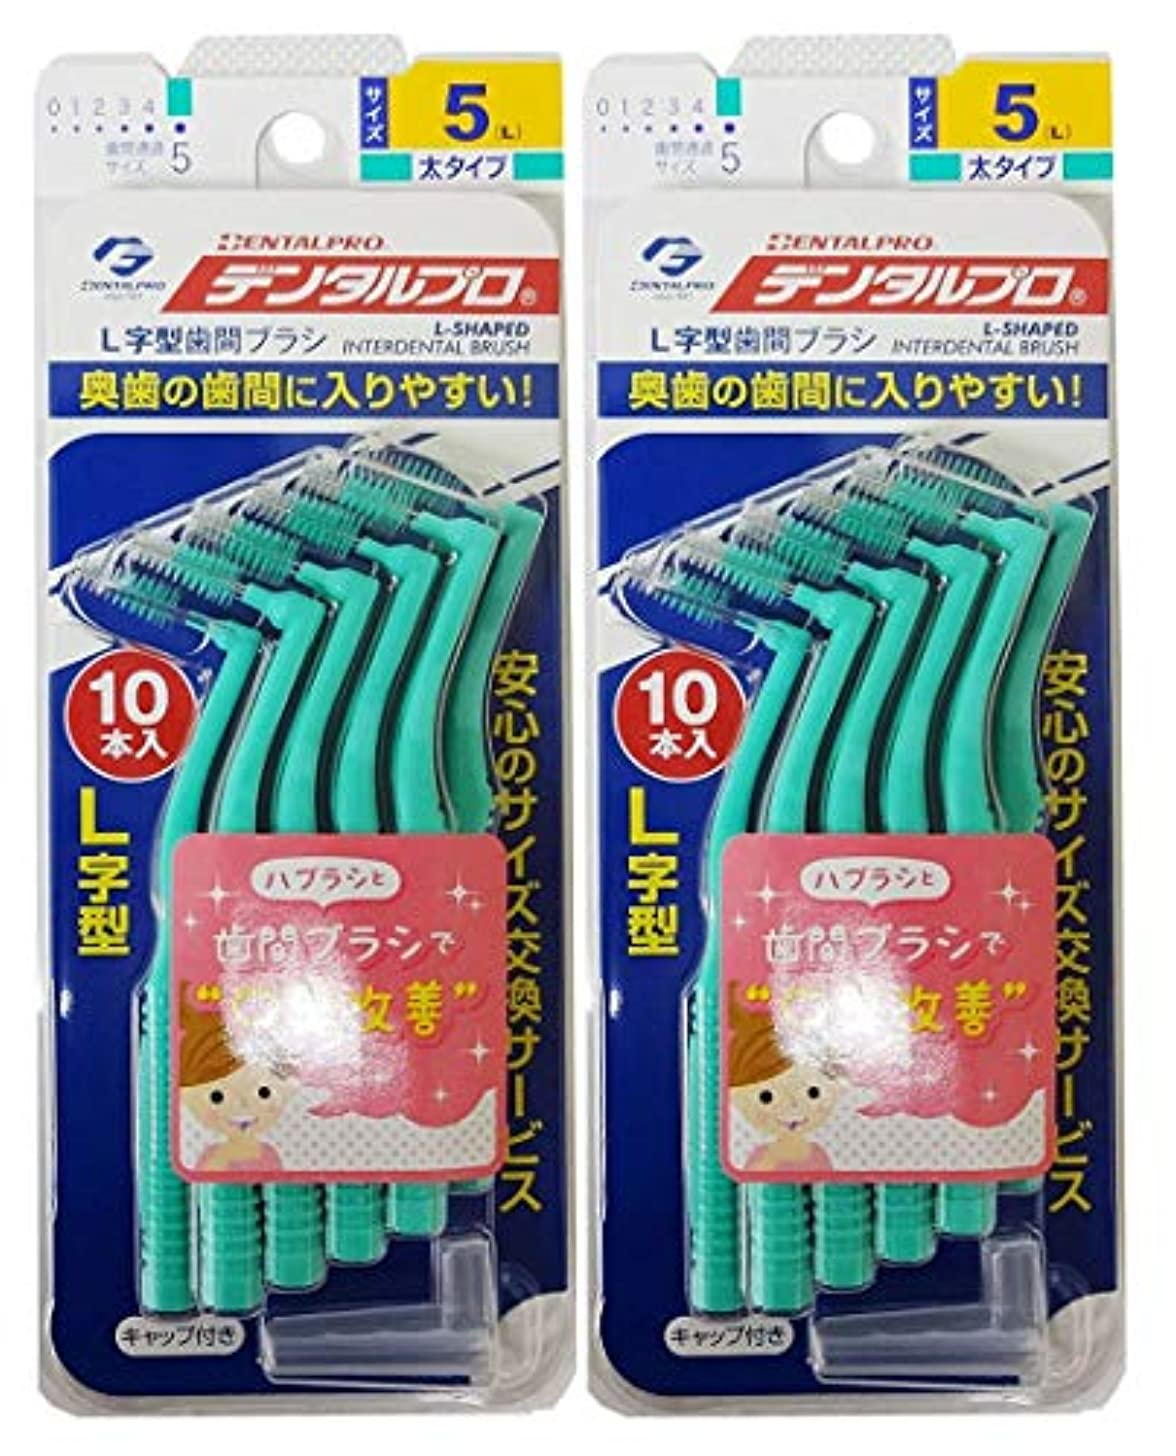 カウント臭いコンパスデンタルプロ 歯間ブラシ L字型 サイズ5(L) 10本入り × 2個セット